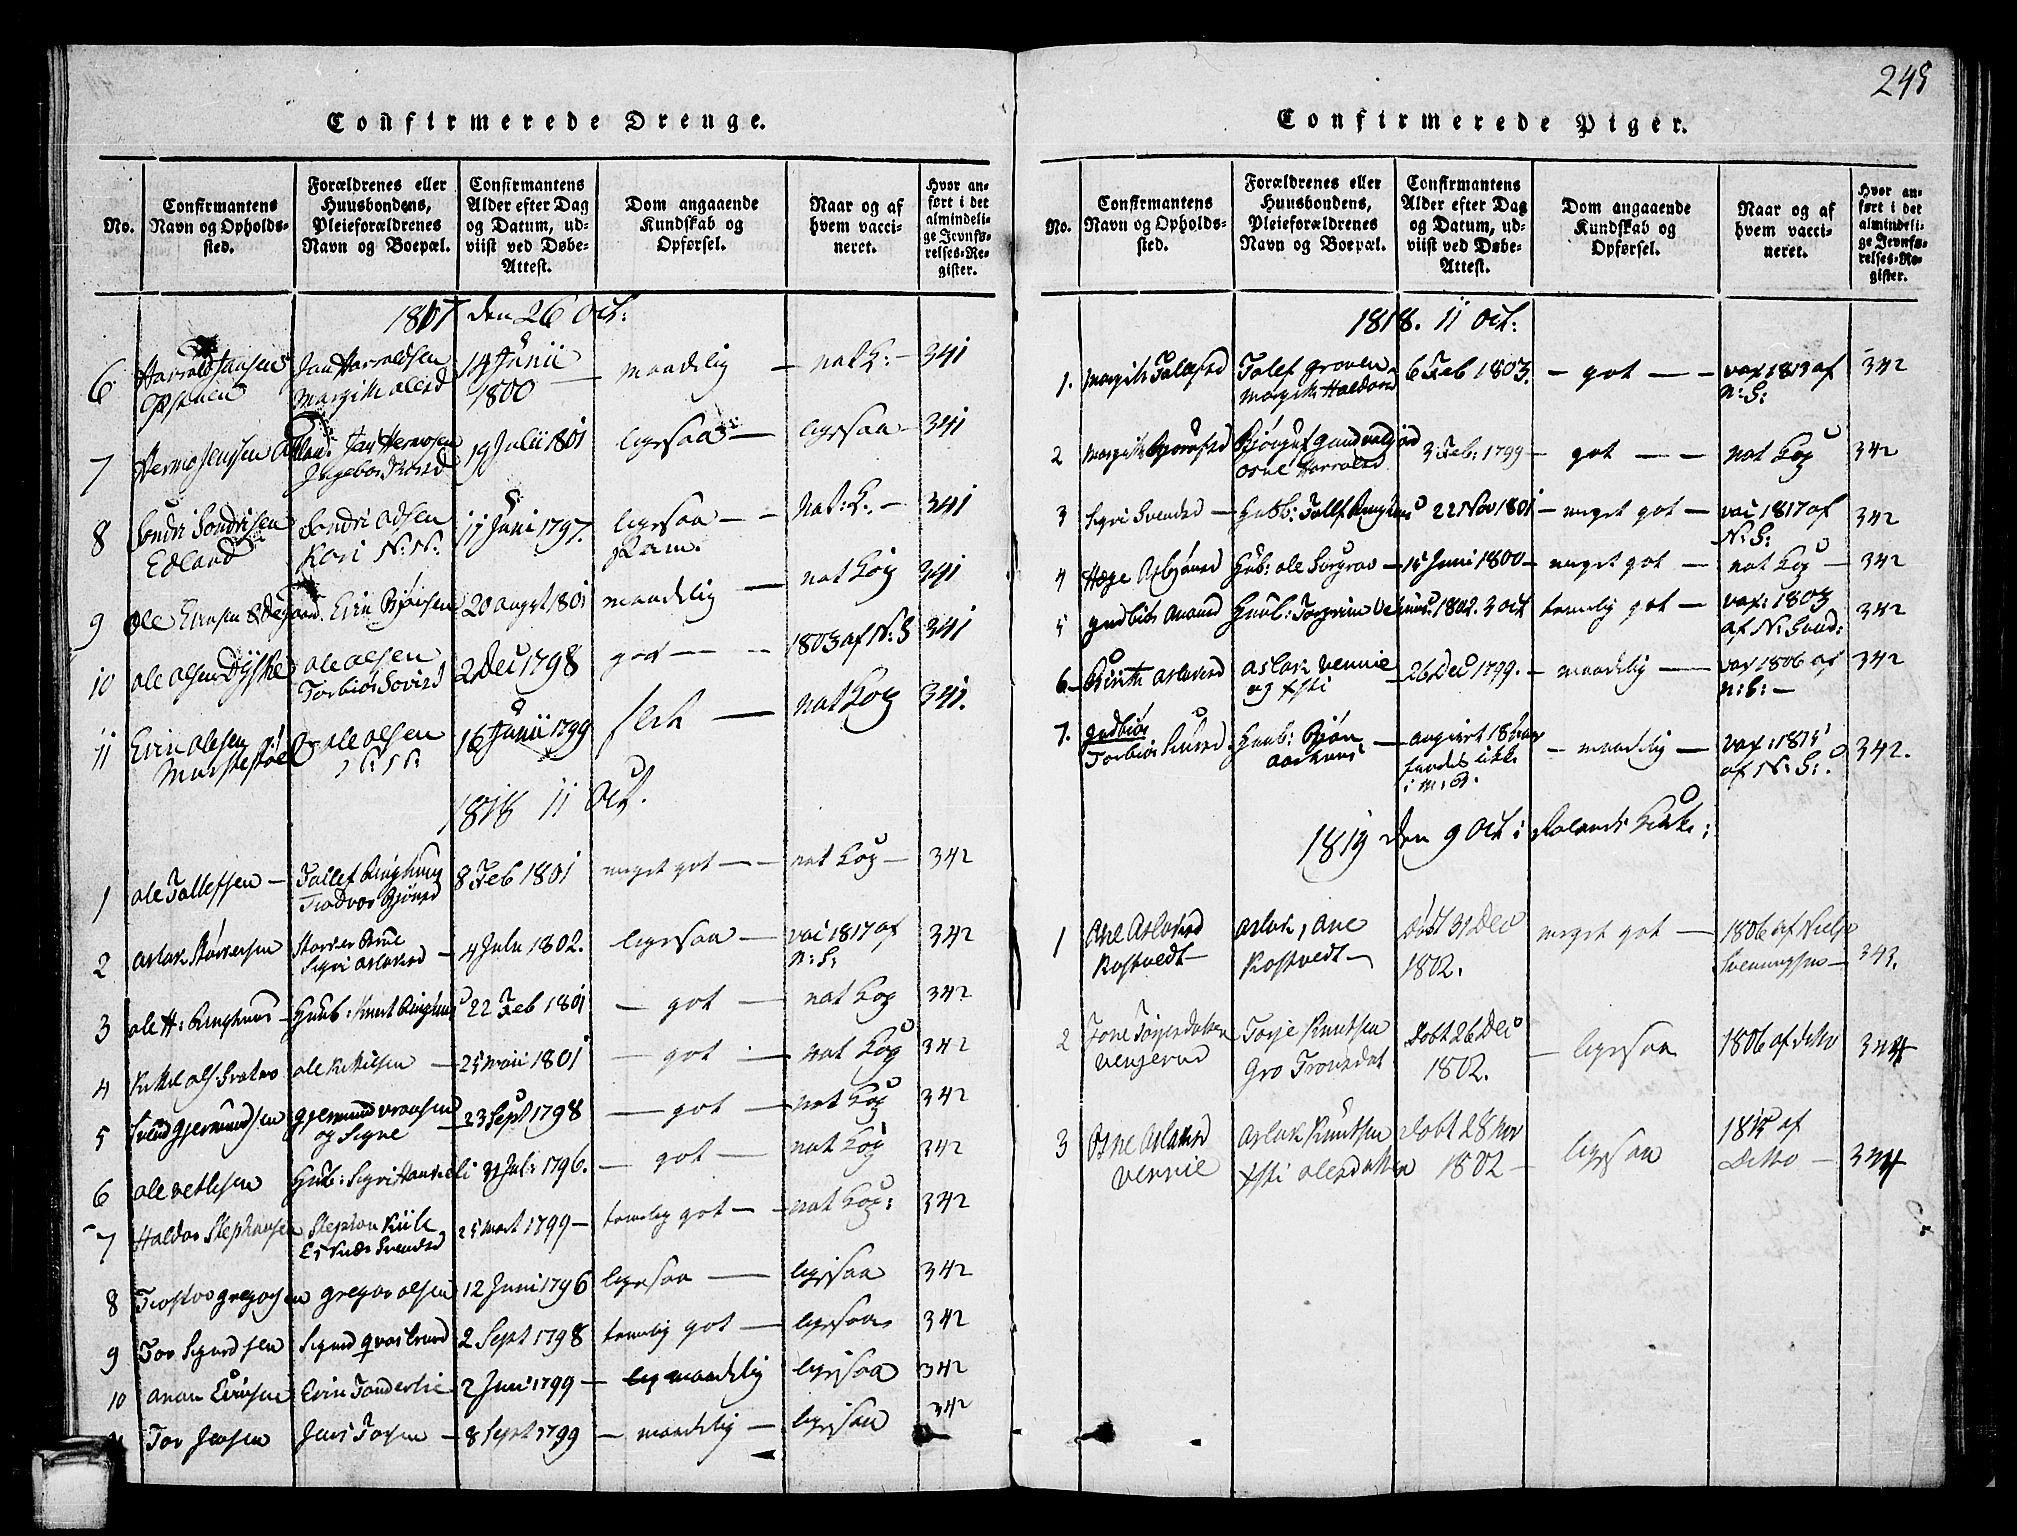 SAKO, Vinje kirkebøker, G/Ga/L0001: Klokkerbok nr. I 1, 1814-1843, s. 245